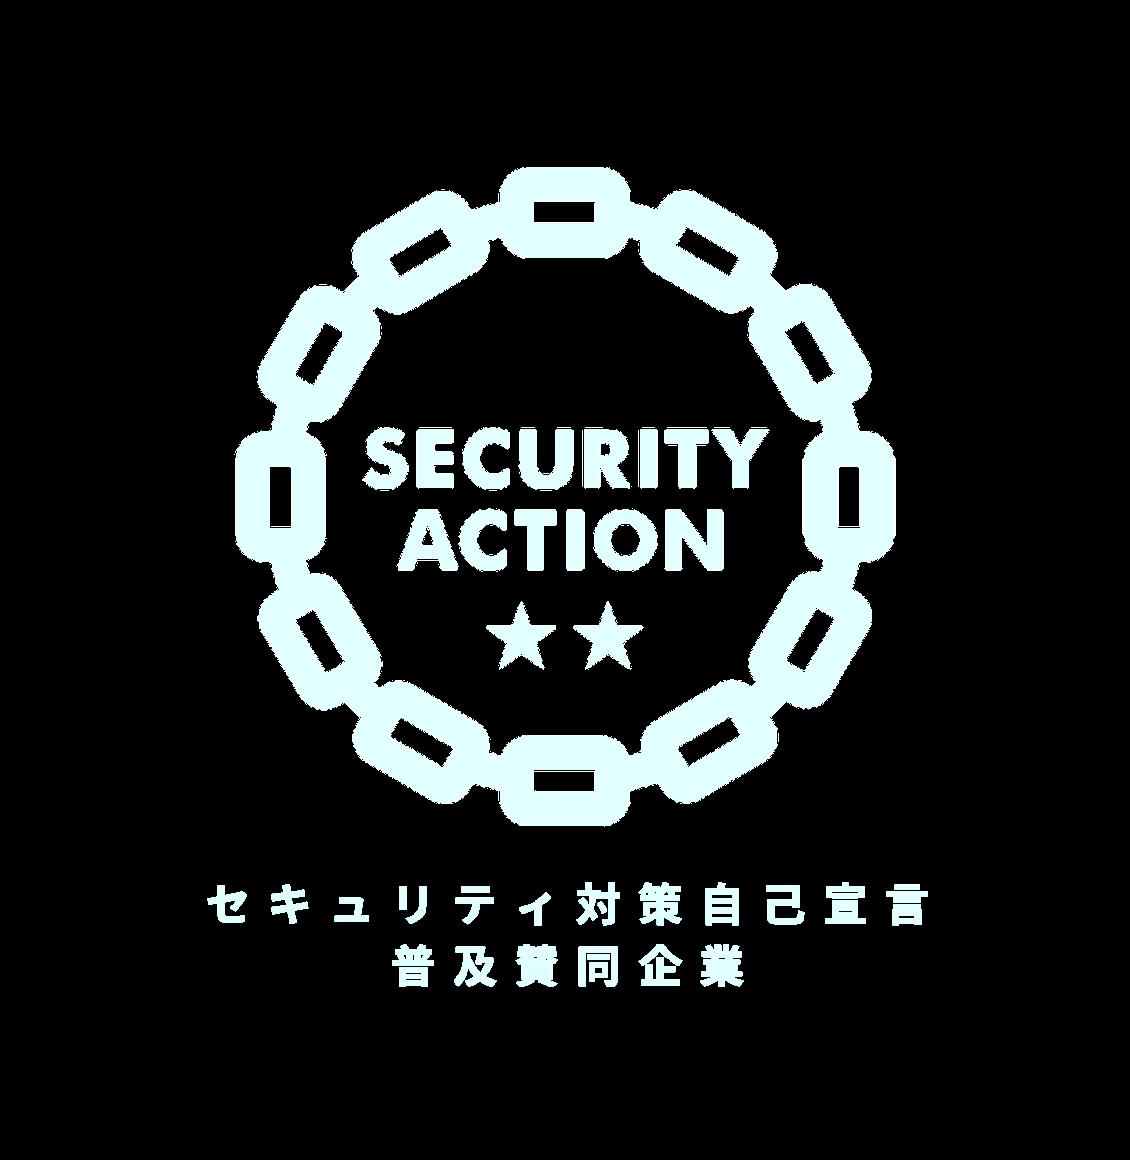 ビルドサロン セキュリティアクション ロゴ